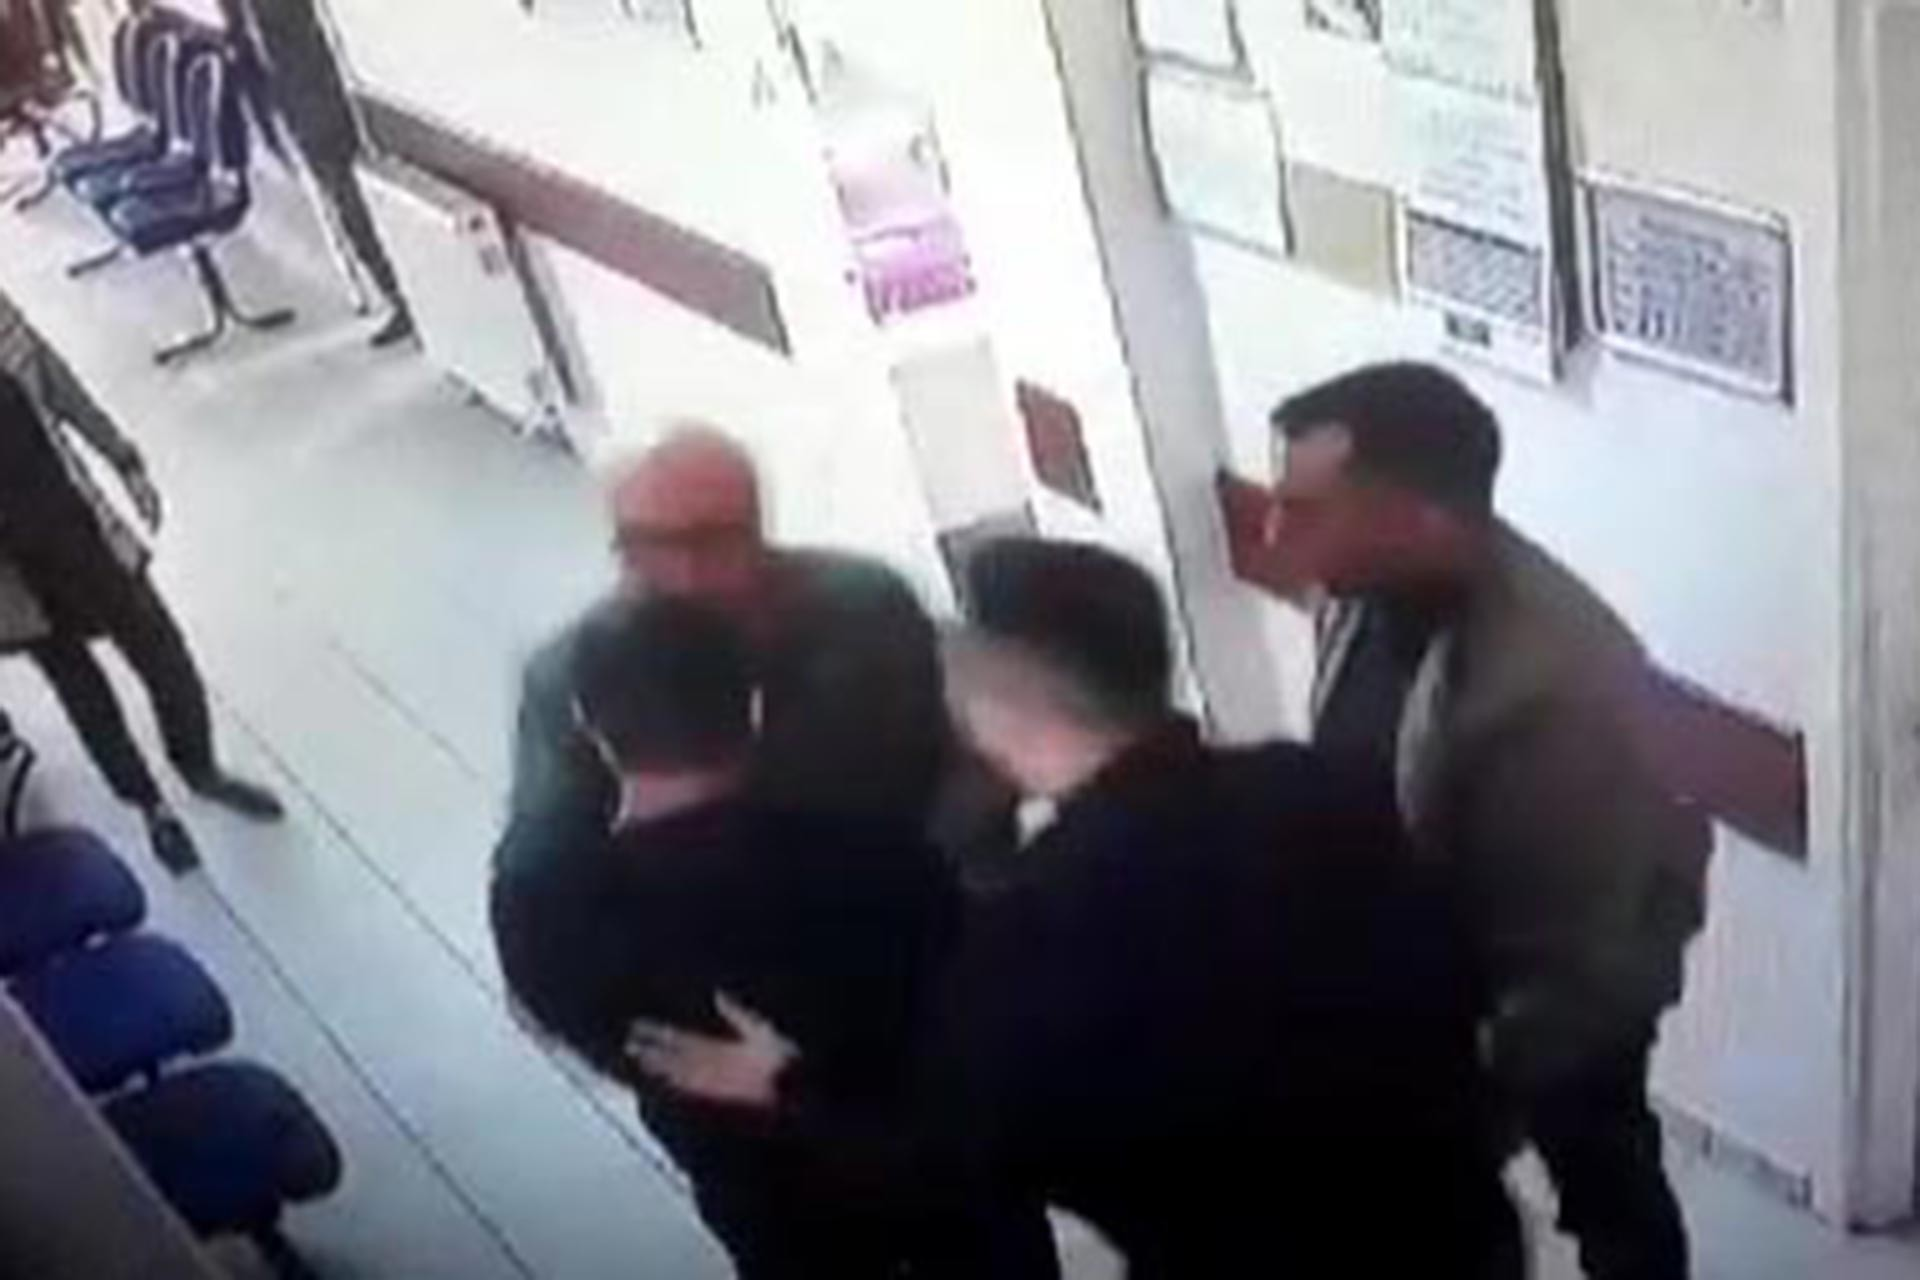 Hasta yakınının doktora saldırdığı anlara dair güvenlik kamerası görüntülerinden alınmış bir kare